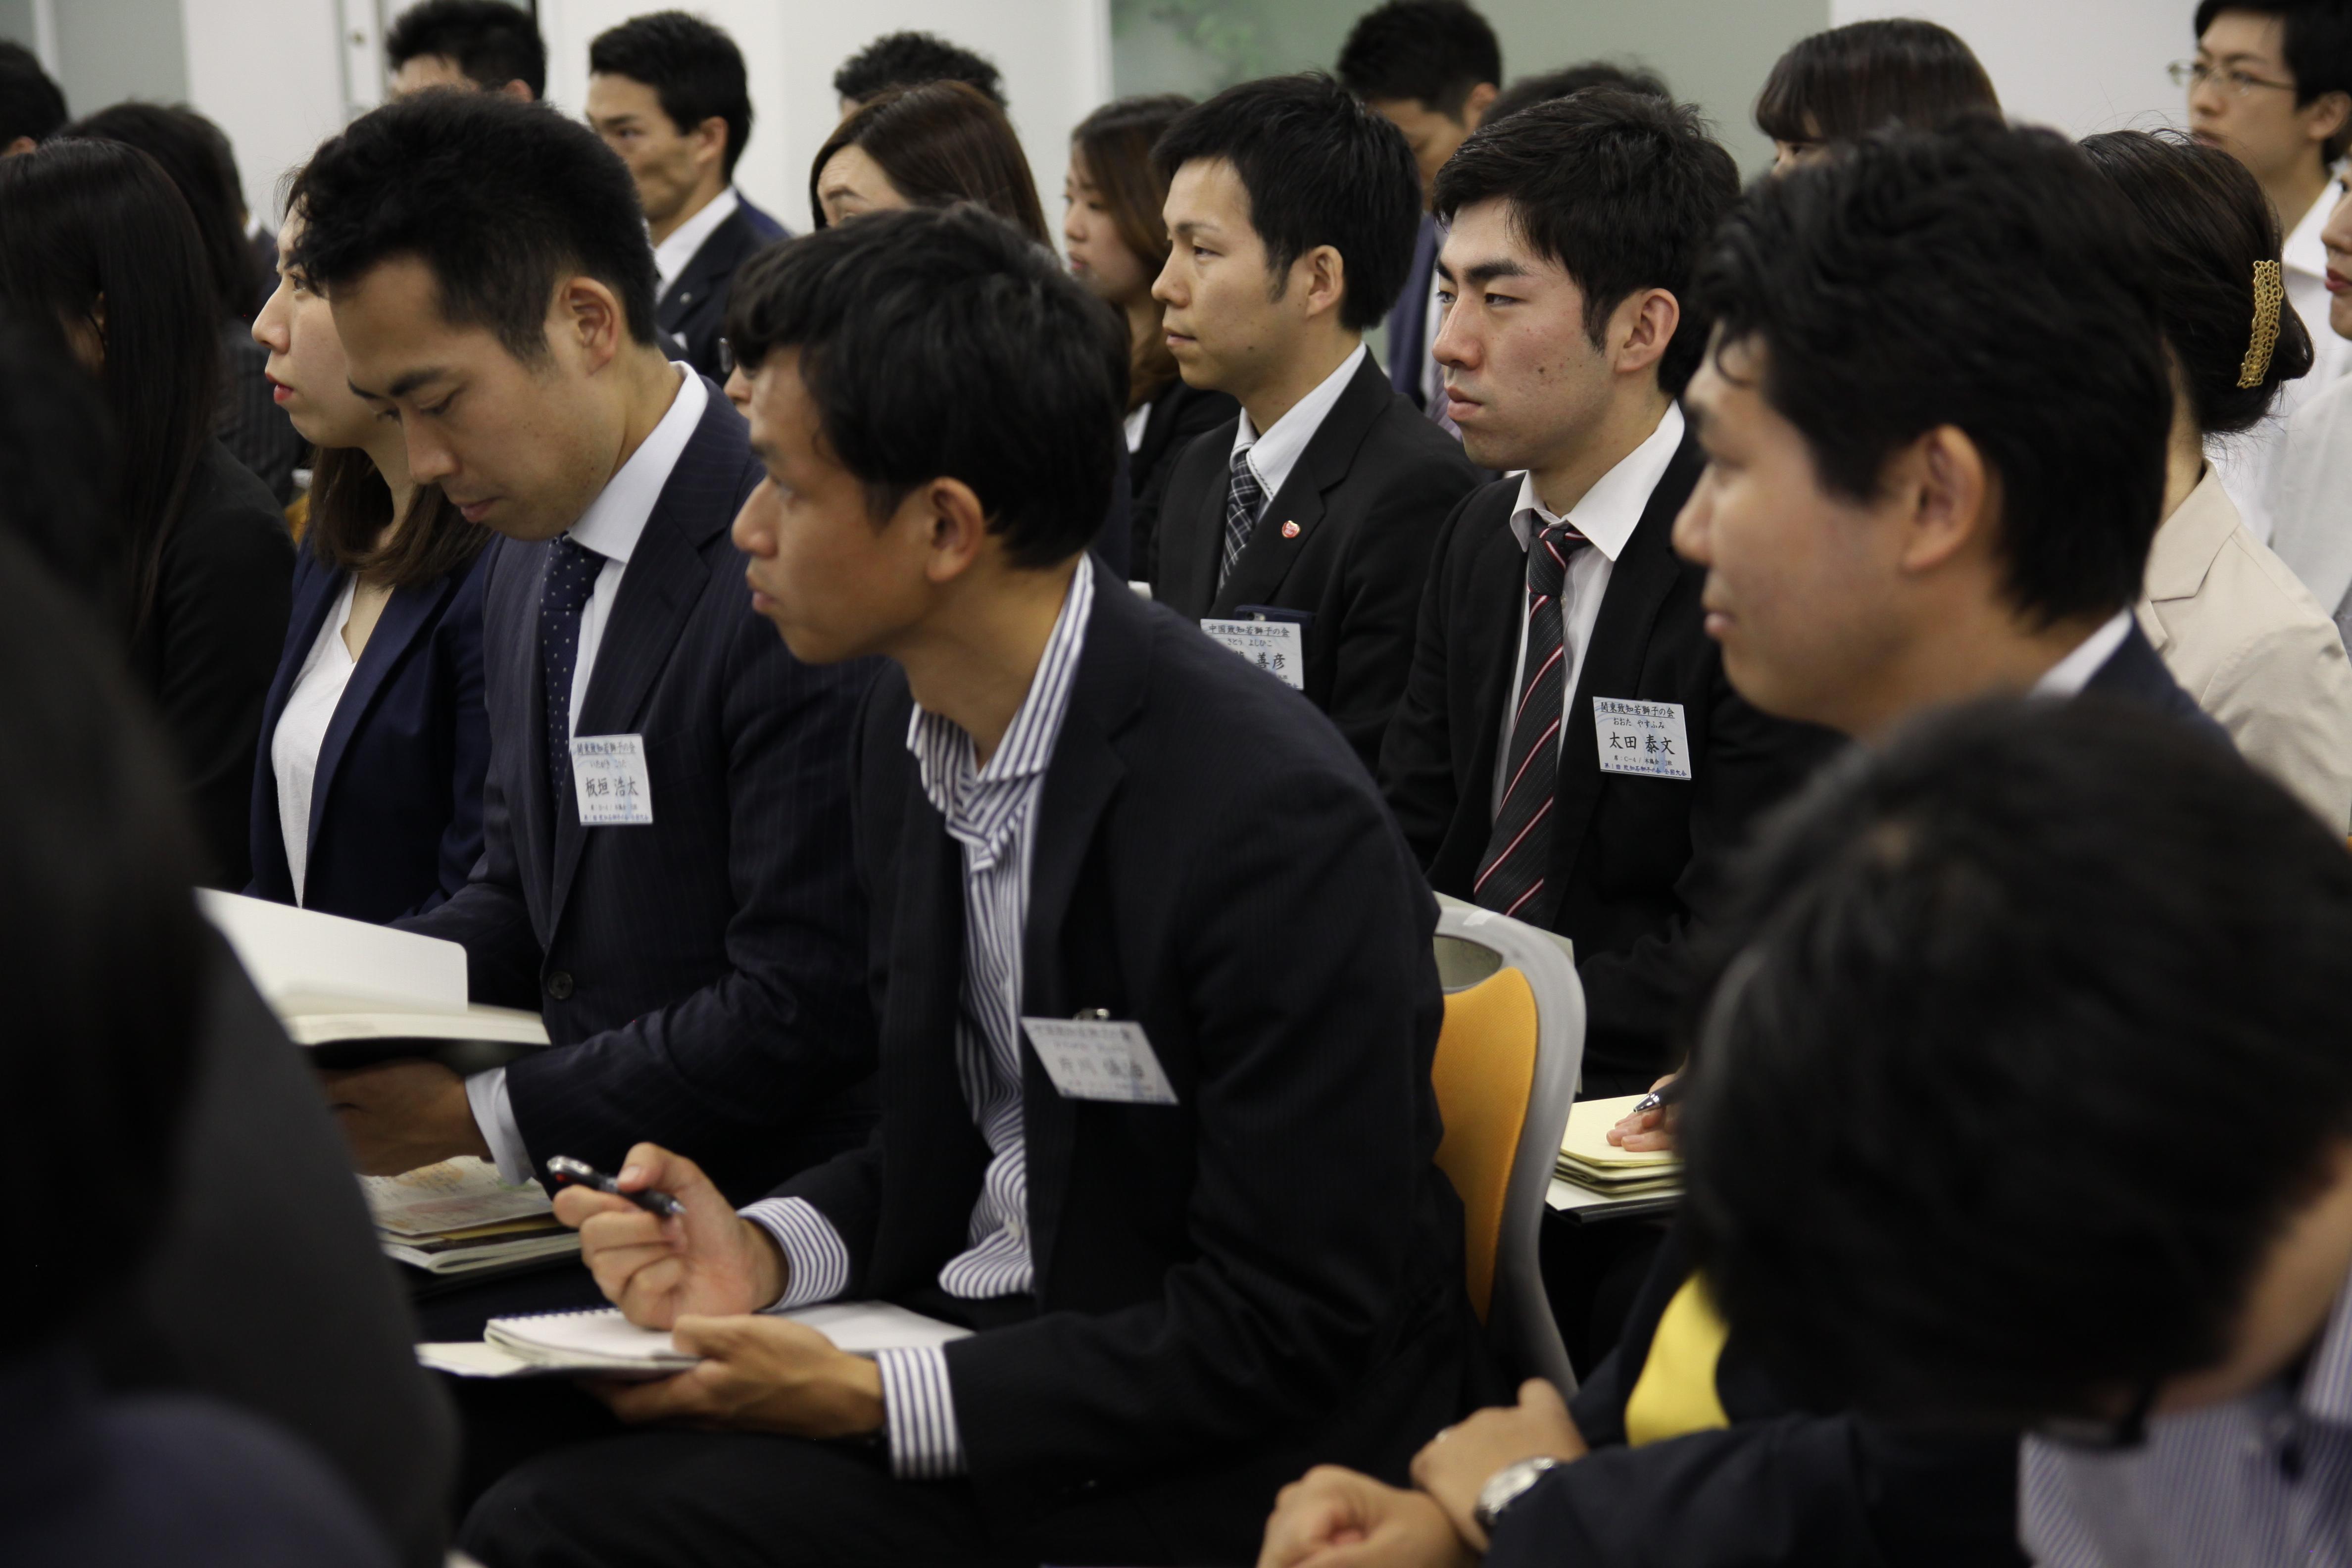 IMG 4578 - 関東若獅子の会、記念すべき第100回